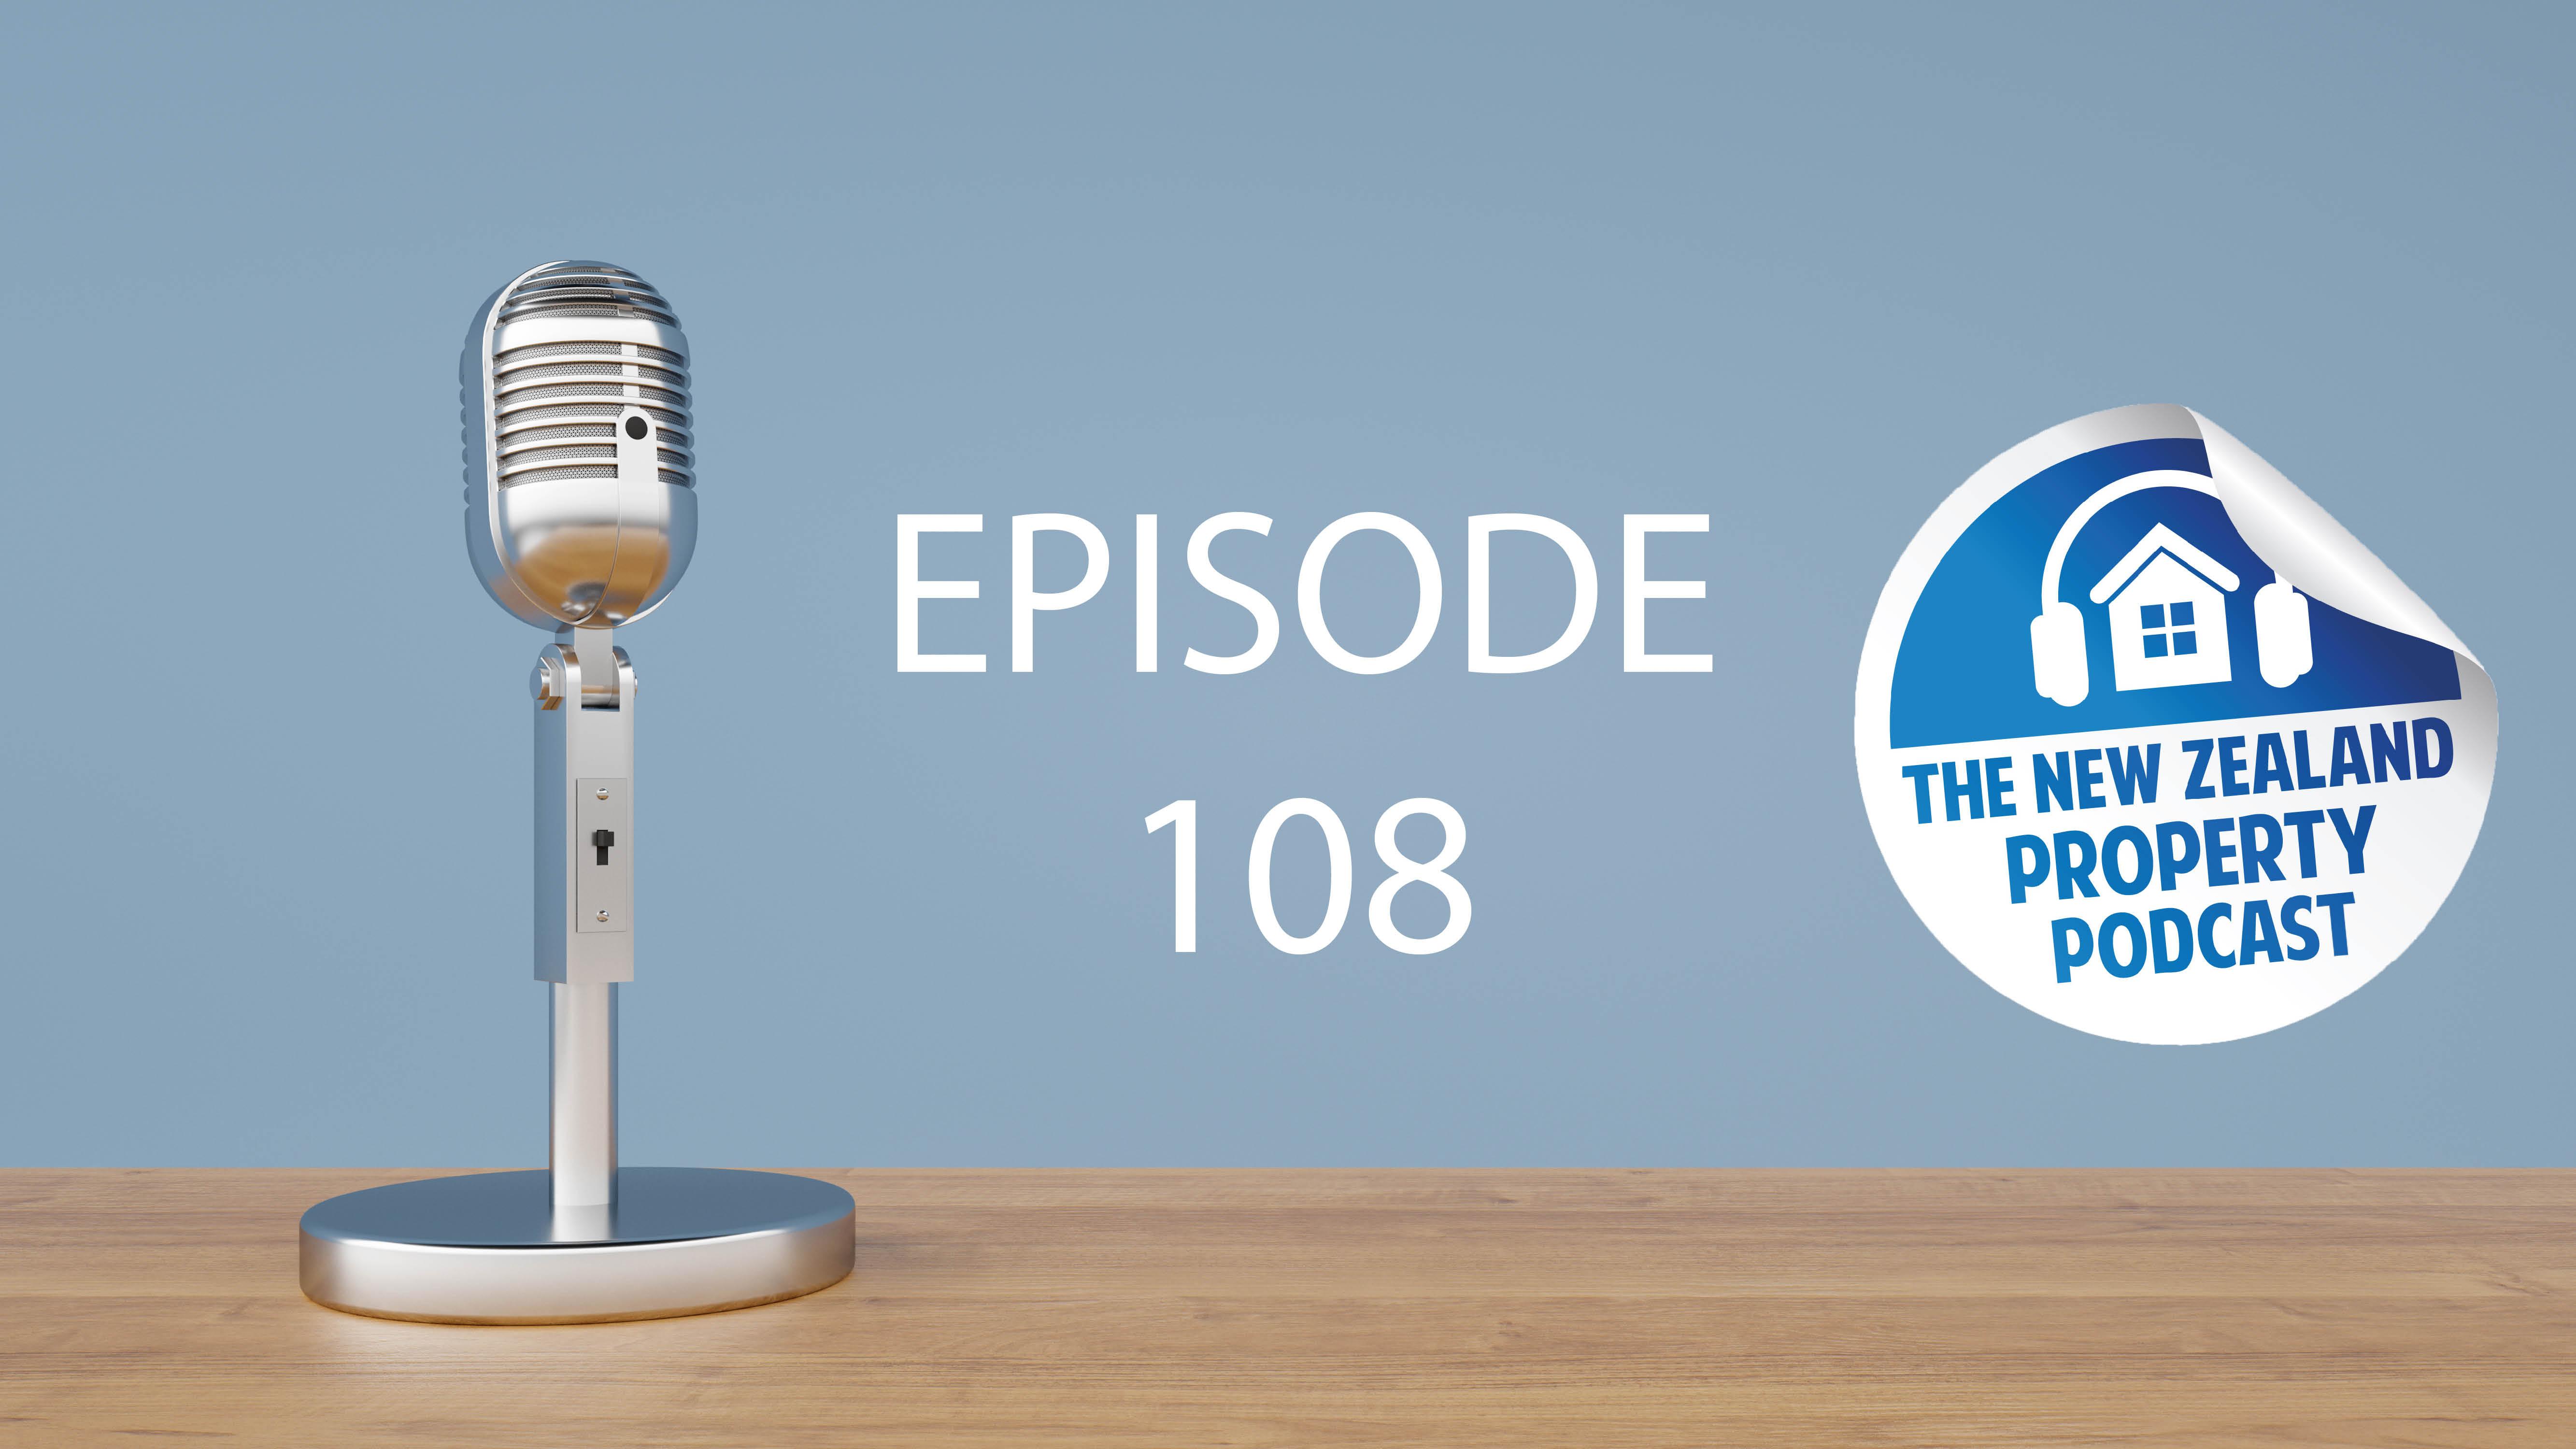 New Zealand Property Podcast Episode 108